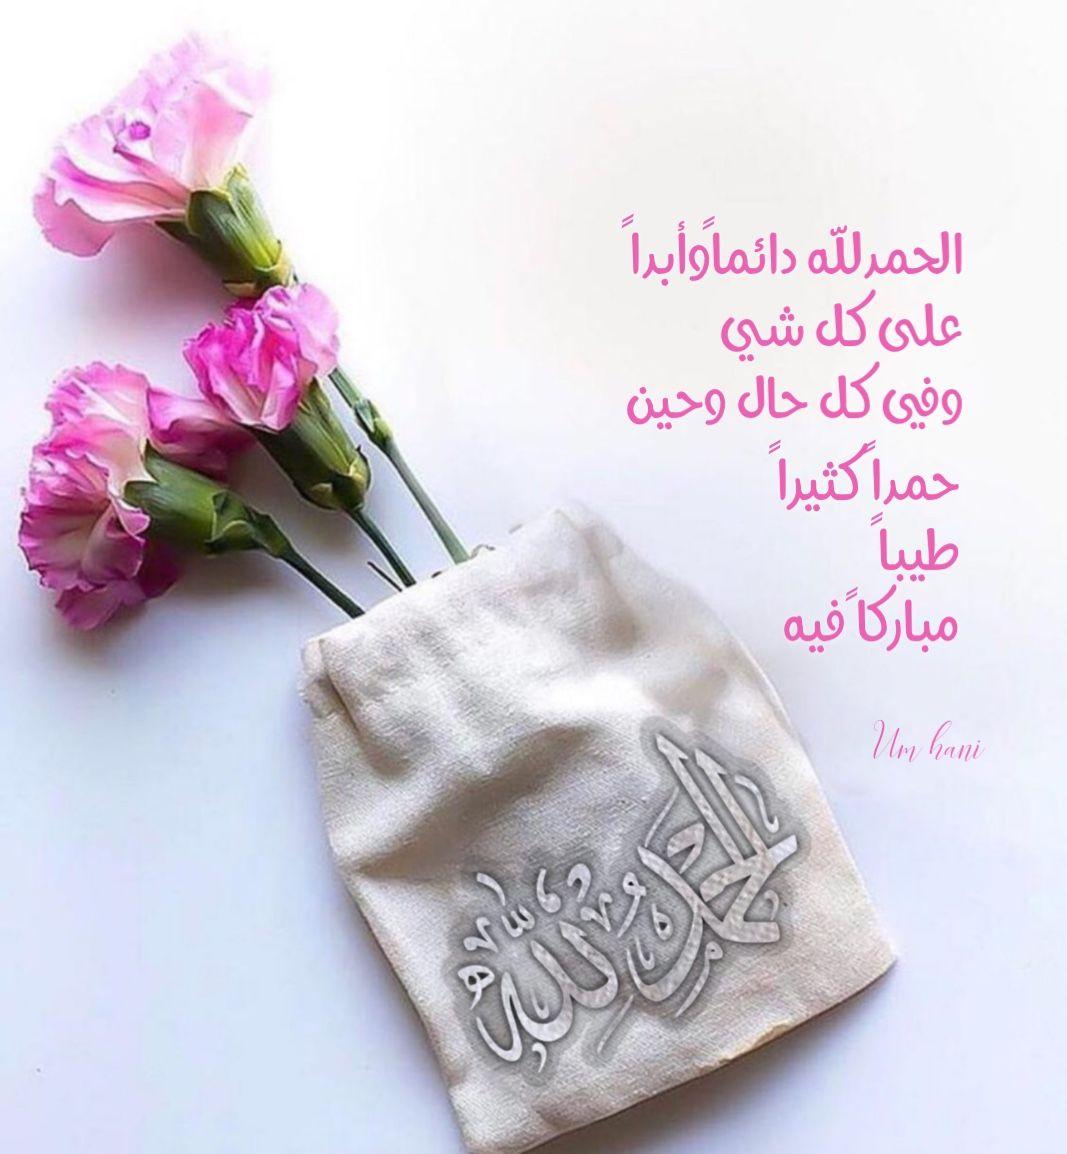 الحمدلله دائما وأبدا على كل شي وفي كل حال وحين حمدا كثيرا طيبا مباركا فيه Allah Calligraphy Arabic Quotes Tableware